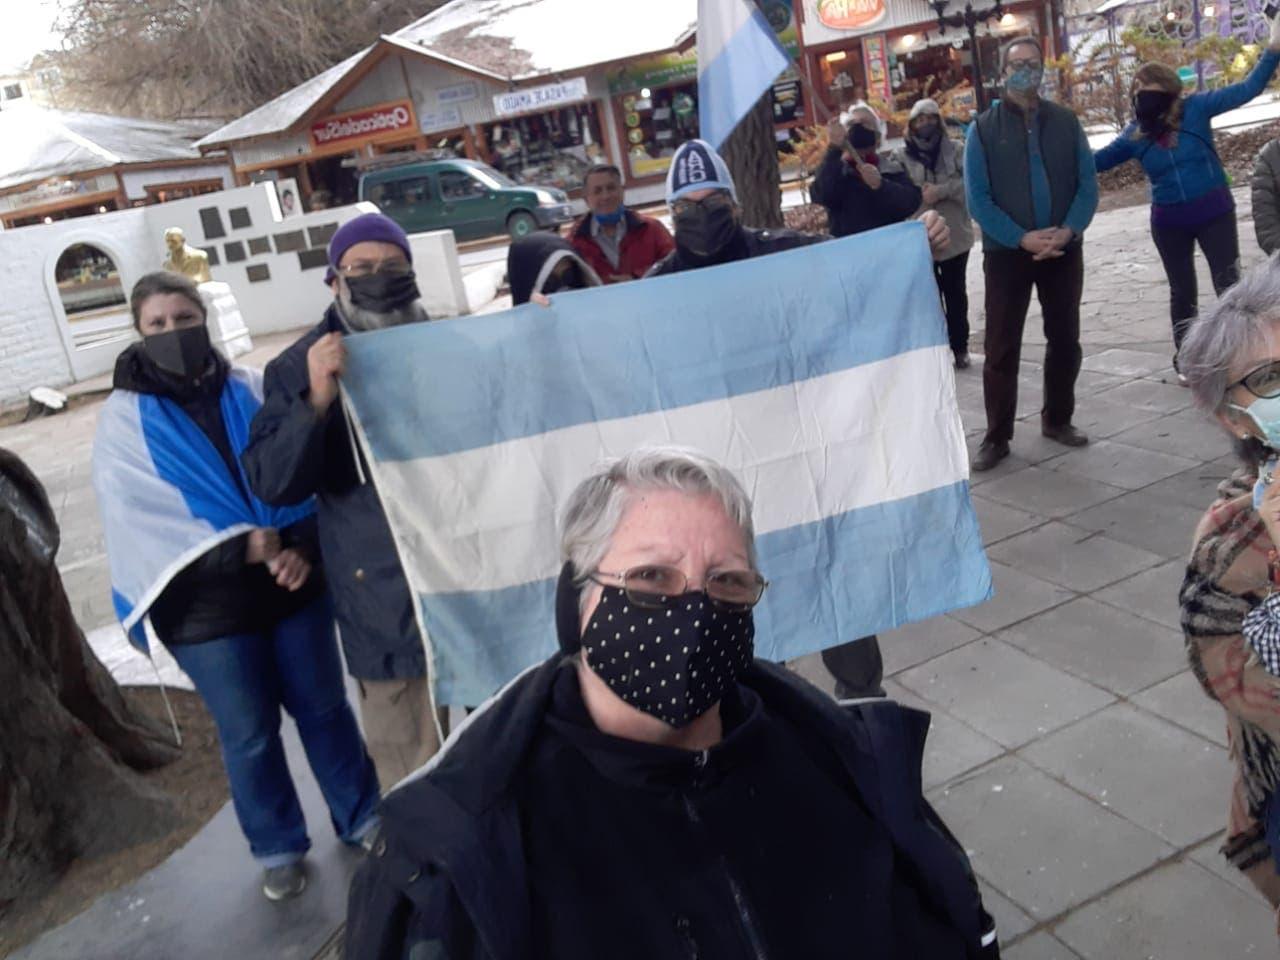 13S, de las redes sociales a las calles: cómo se vivió el banderazo en el interior del país